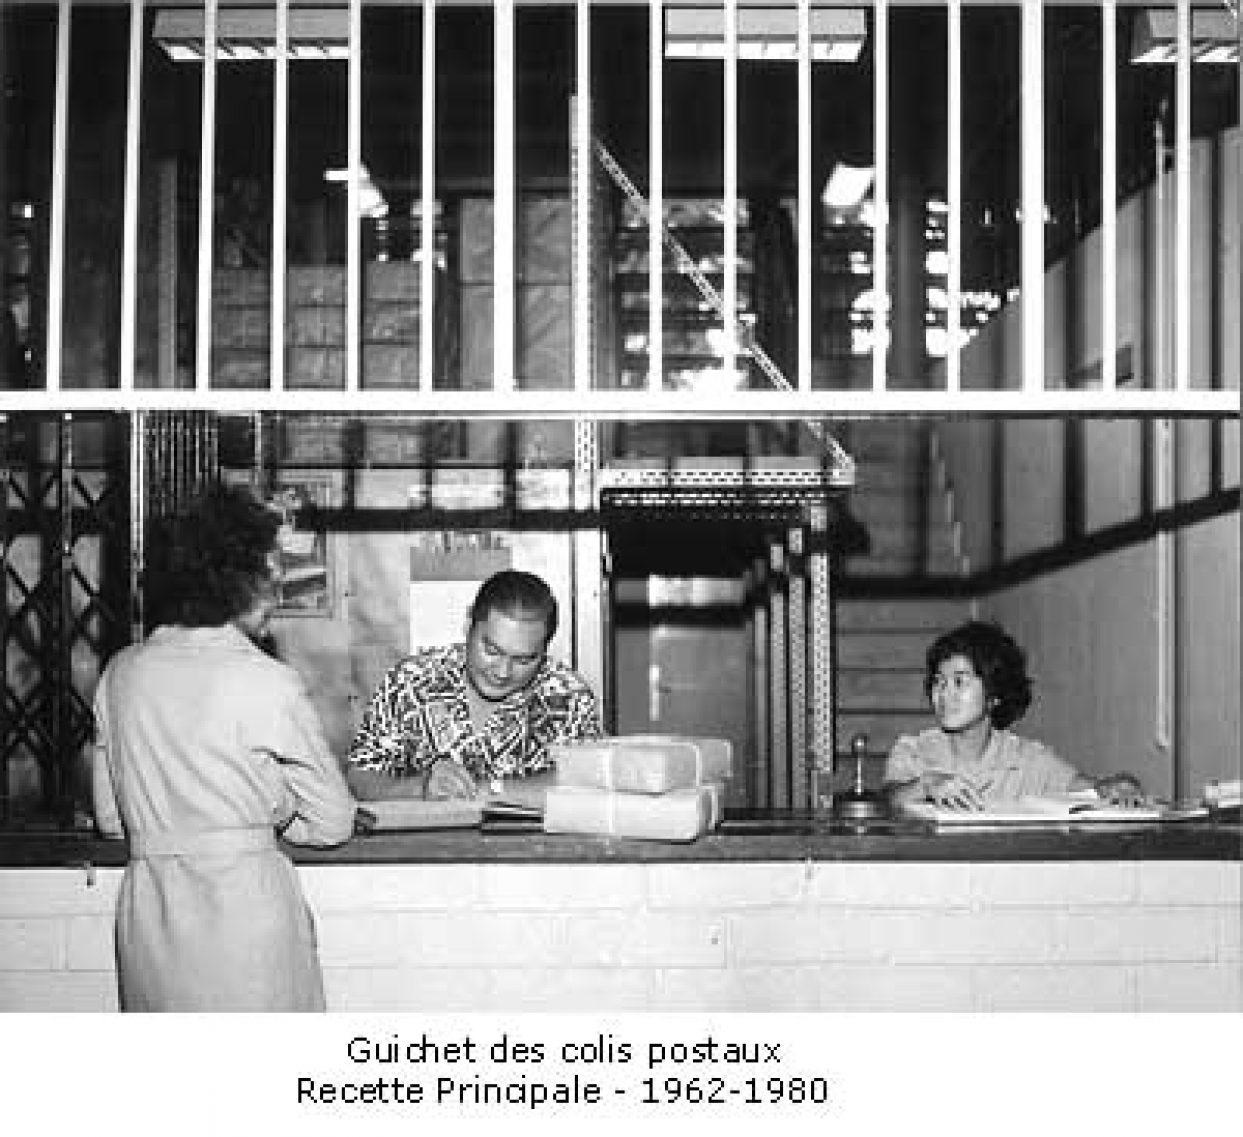 Salle_colis_RP_1962.jpg